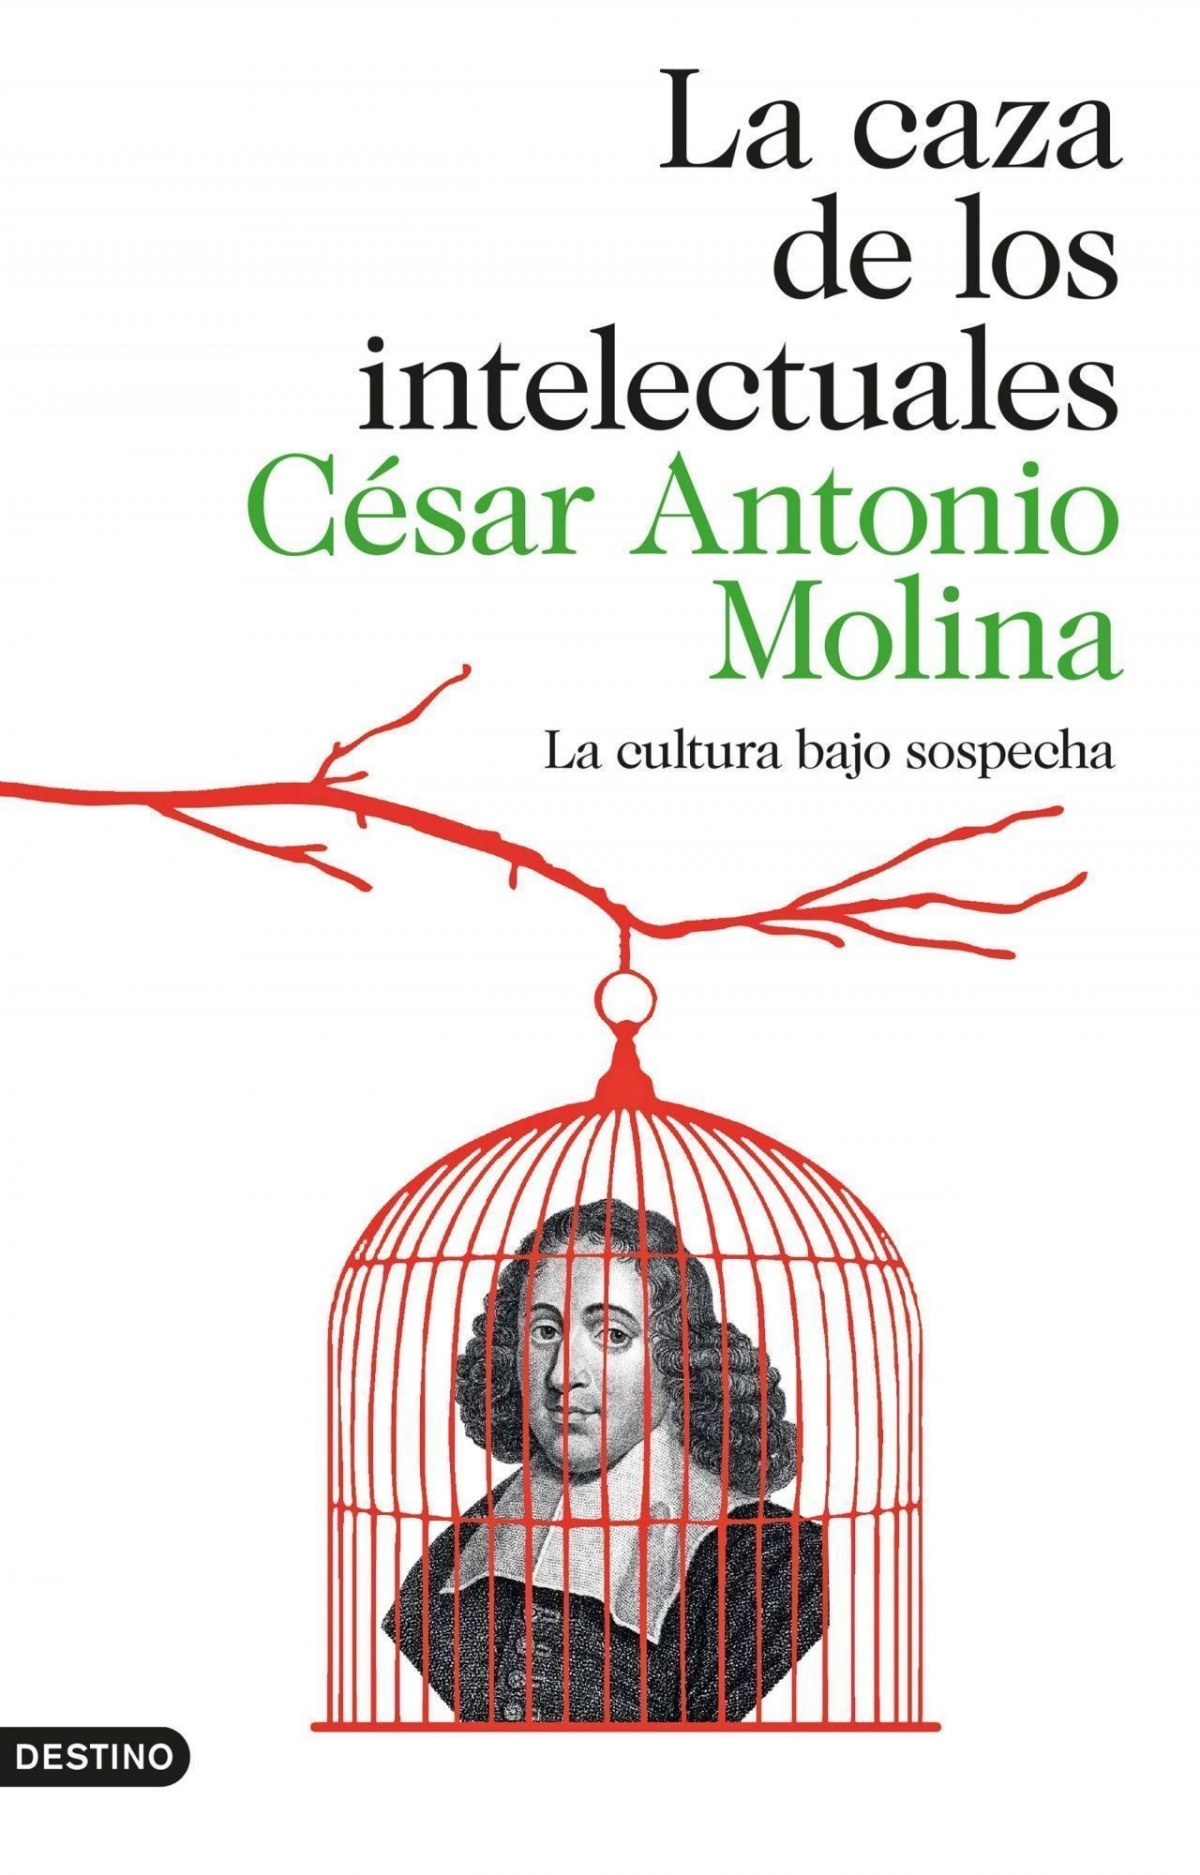 La caza de los intelectuales